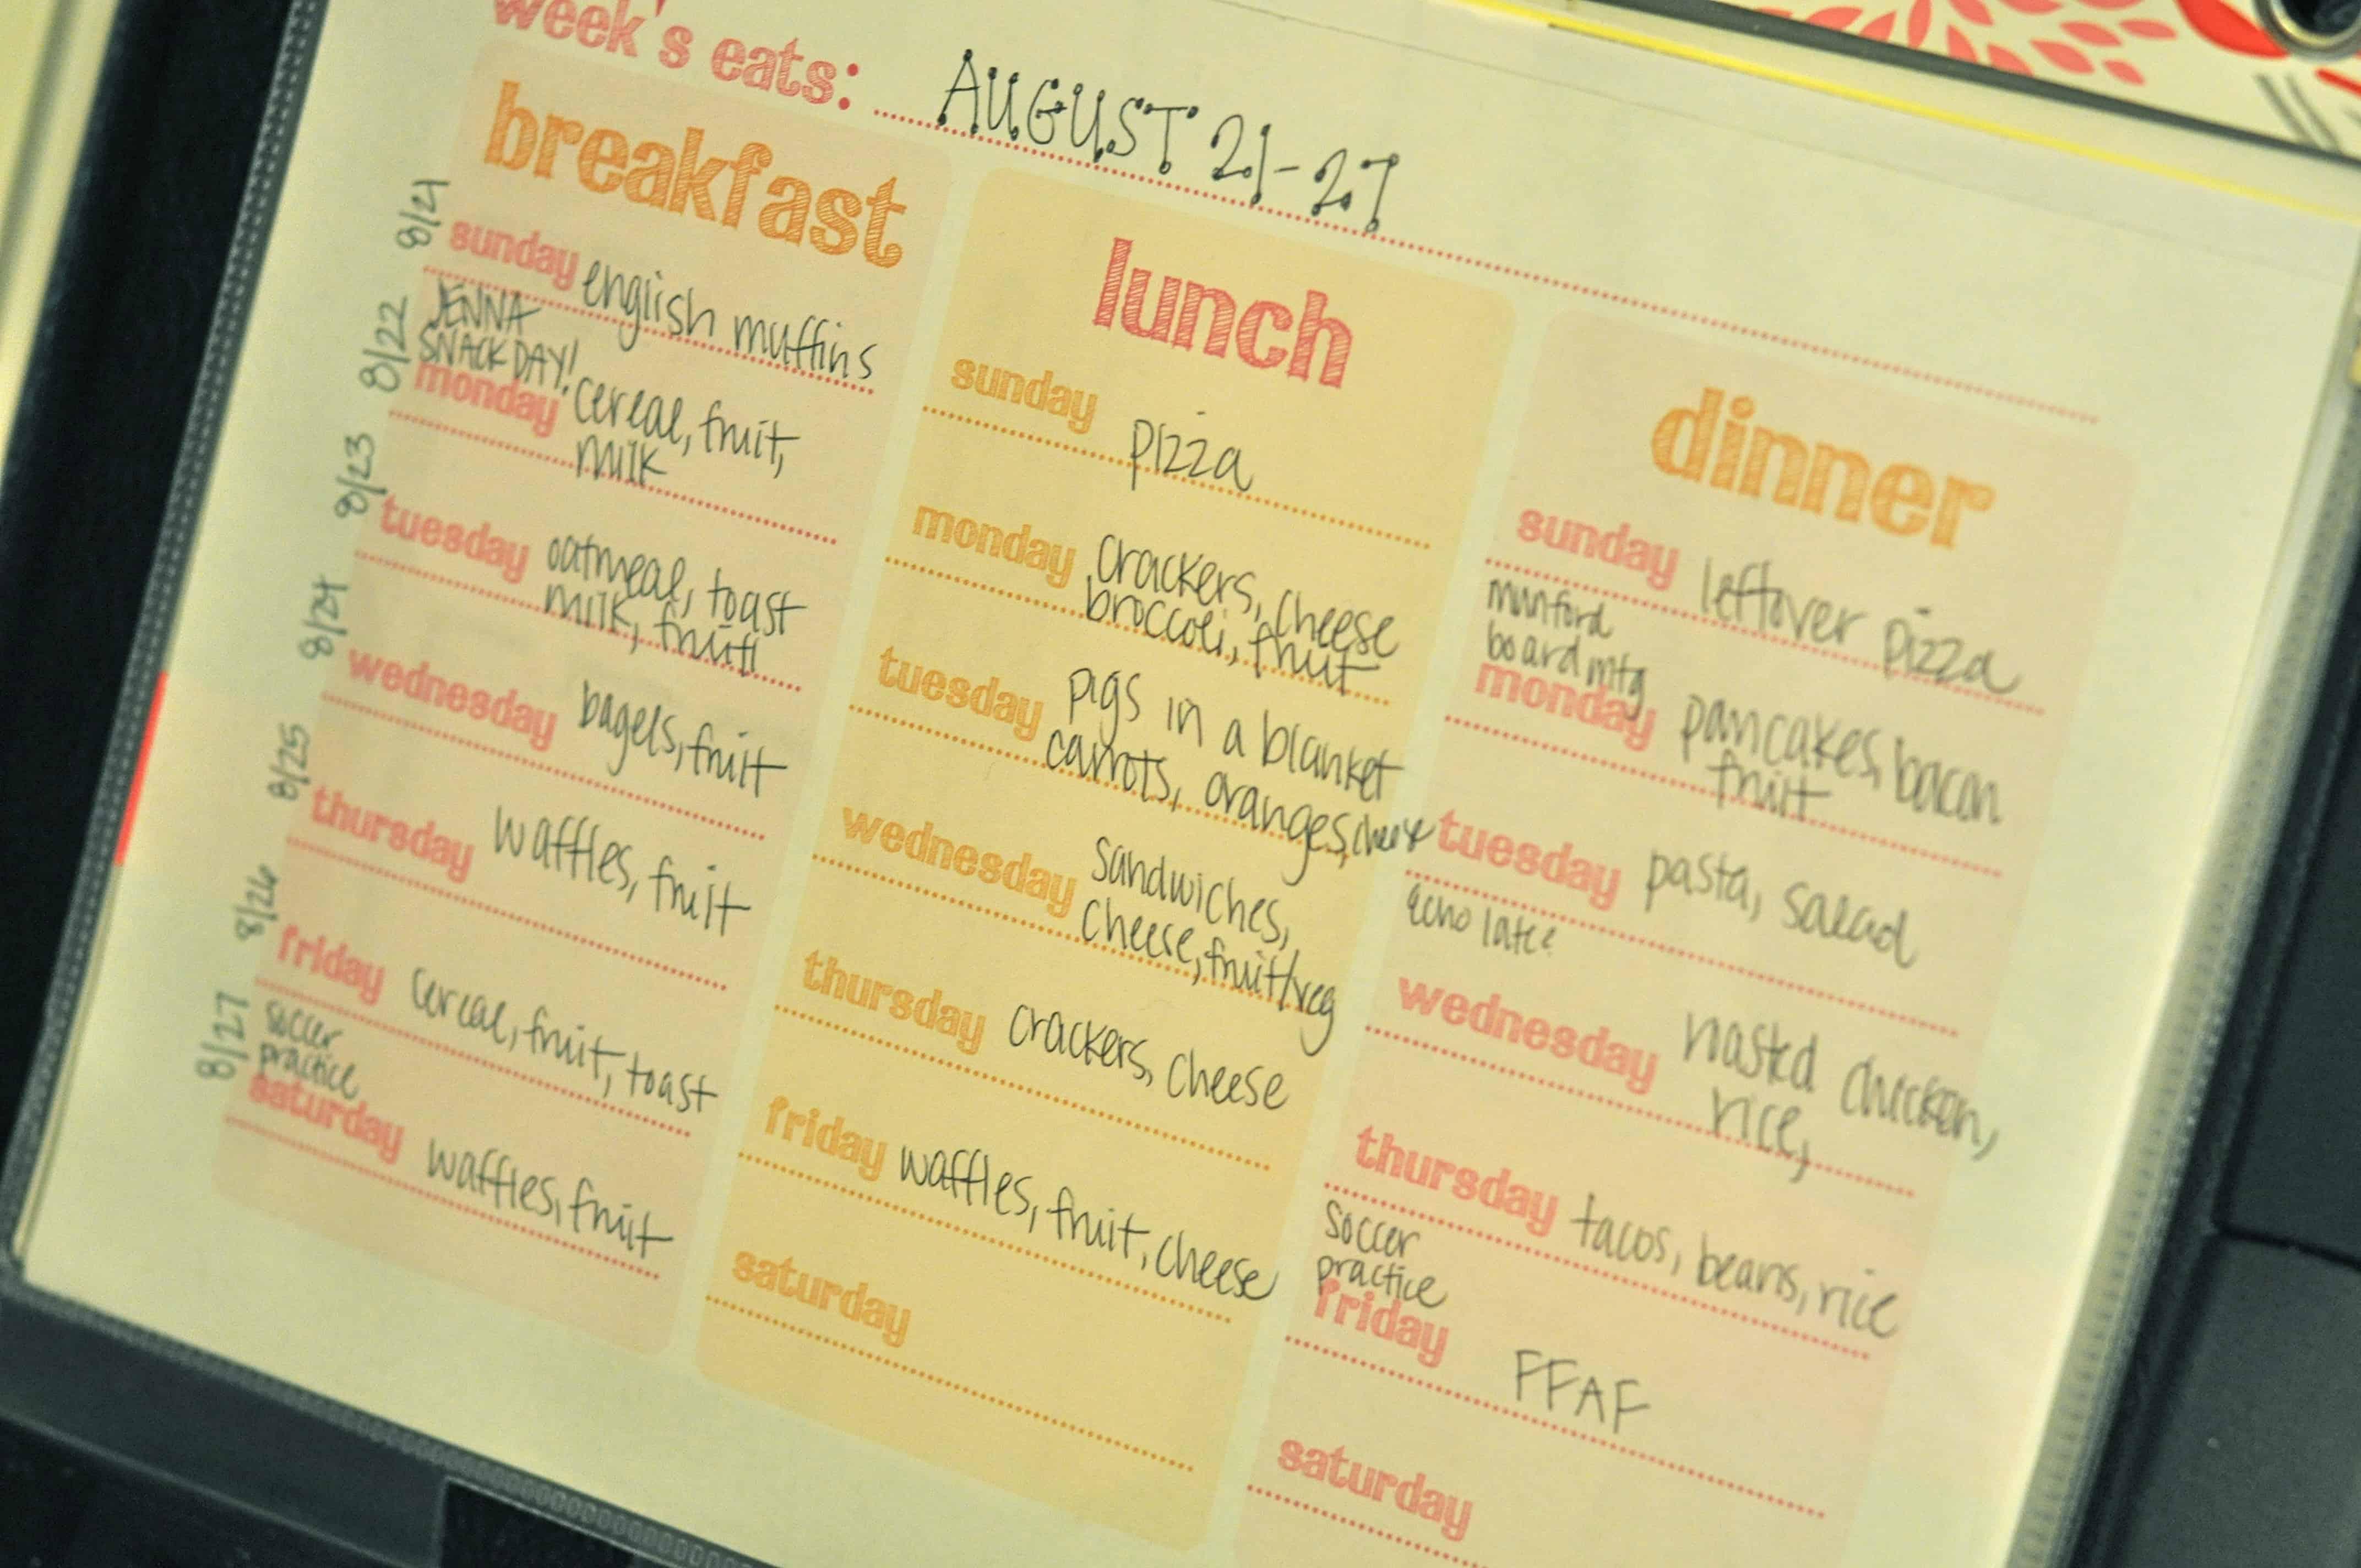 bnfts menu